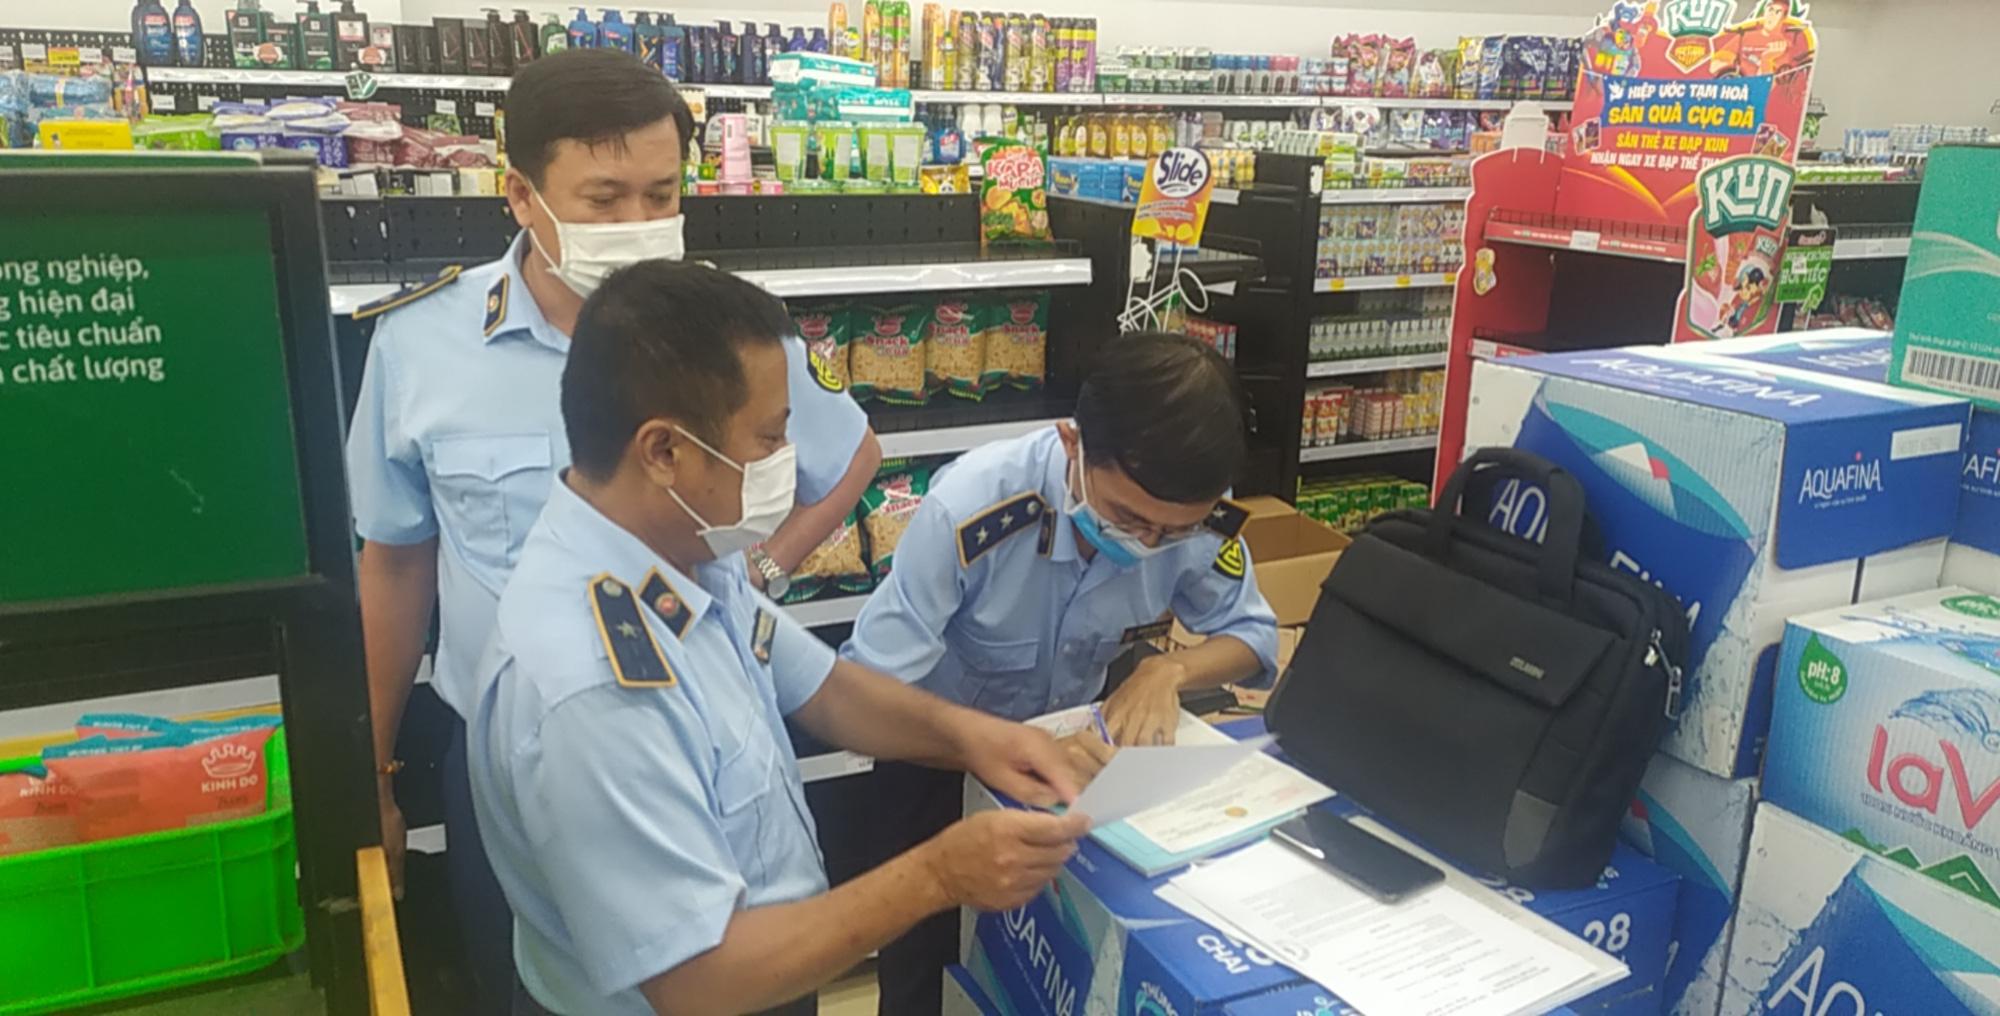 Xử phạt 4 cửa hàng Vinmart+ tại Đồng Nai vi phạm về niêm yết giá - Ảnh 3.